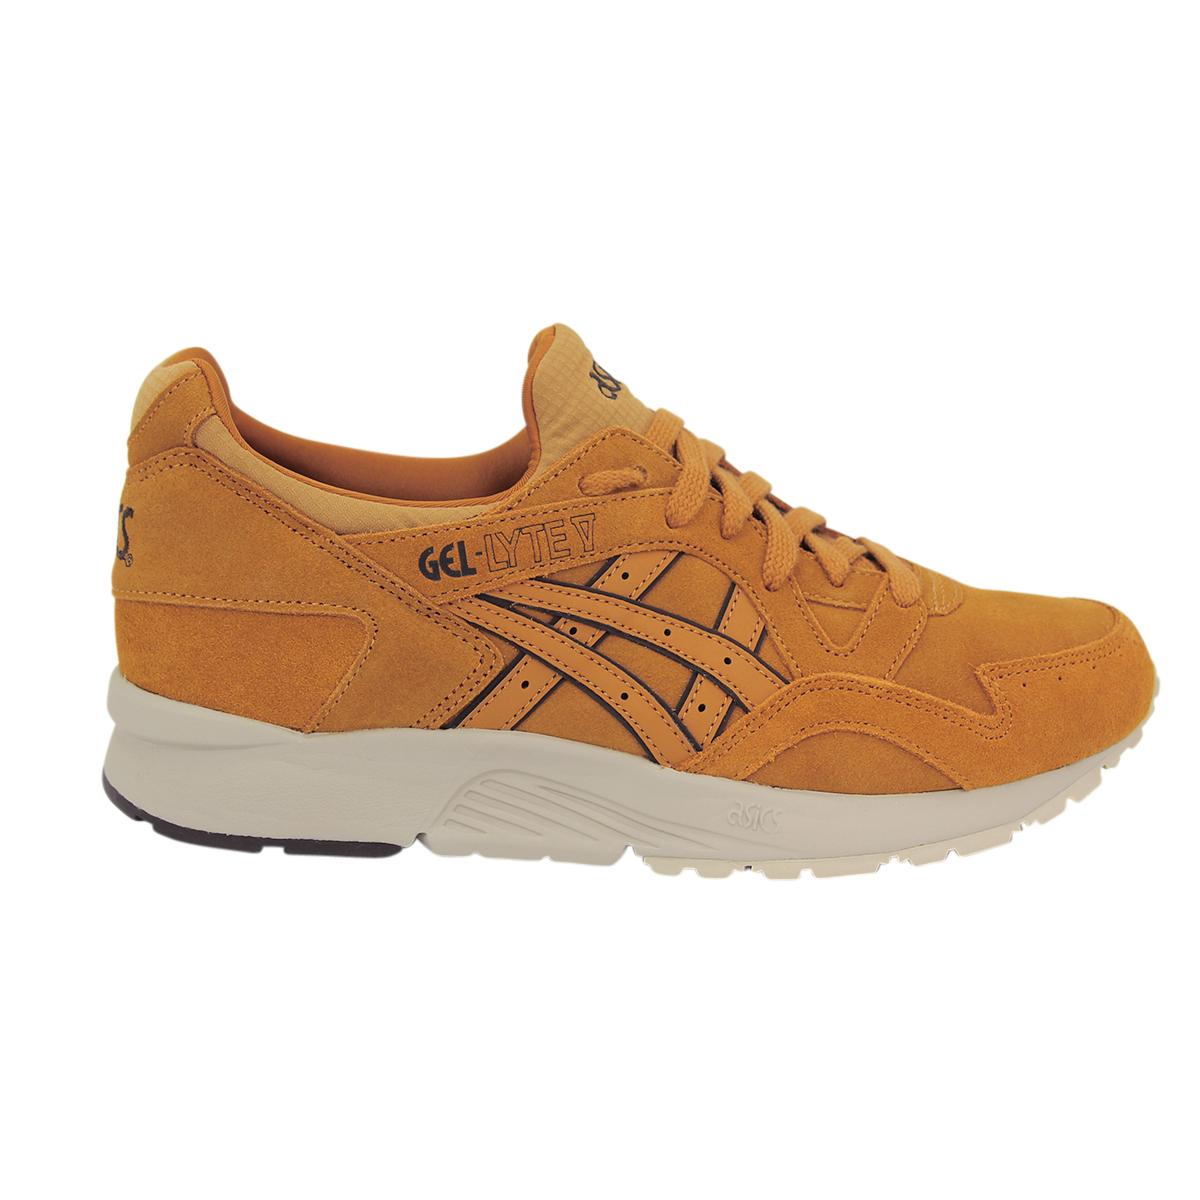 Chaussures de sport ASICS Gel-Lyte V Hl7w1-3131 Sneakers Basses Homme